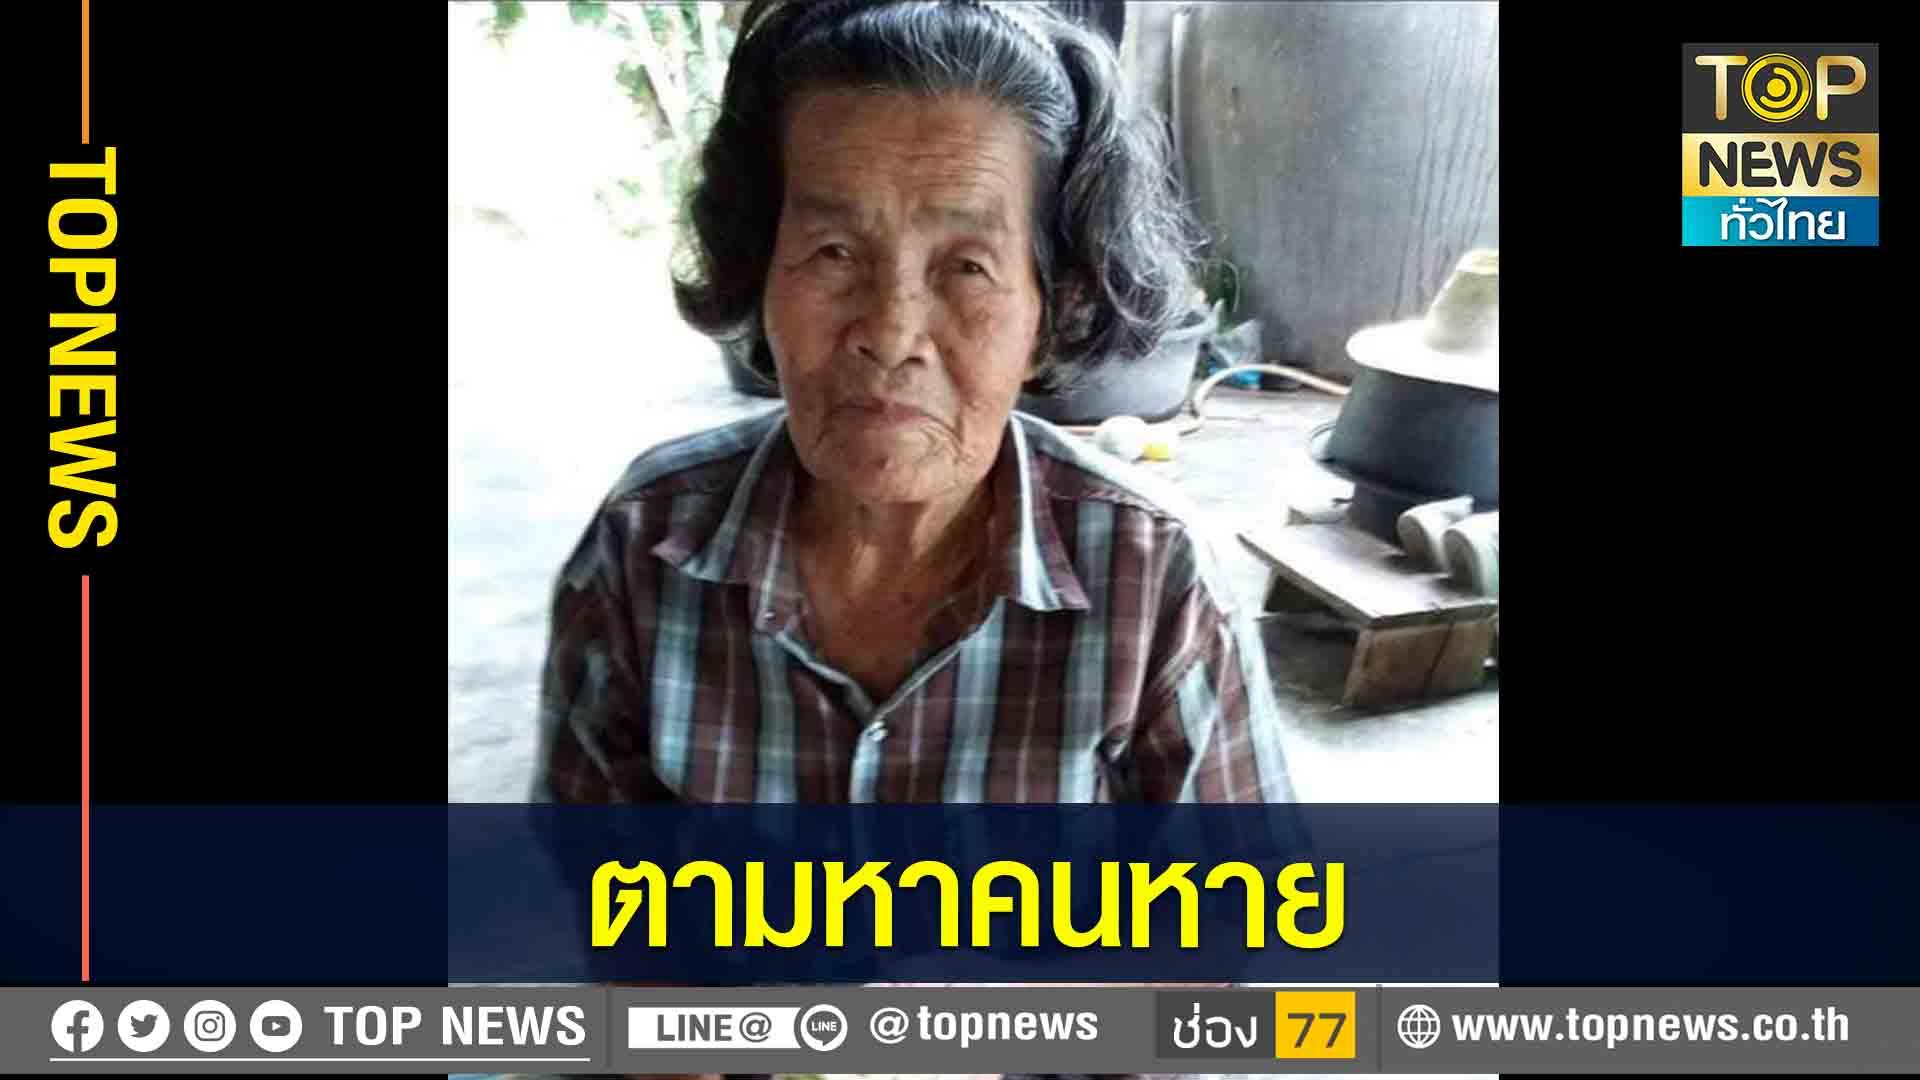 จันทบุรี – น้อยใจลูกสาว..ประกาศตามหาคนหาย ยายวัย 81 ปี